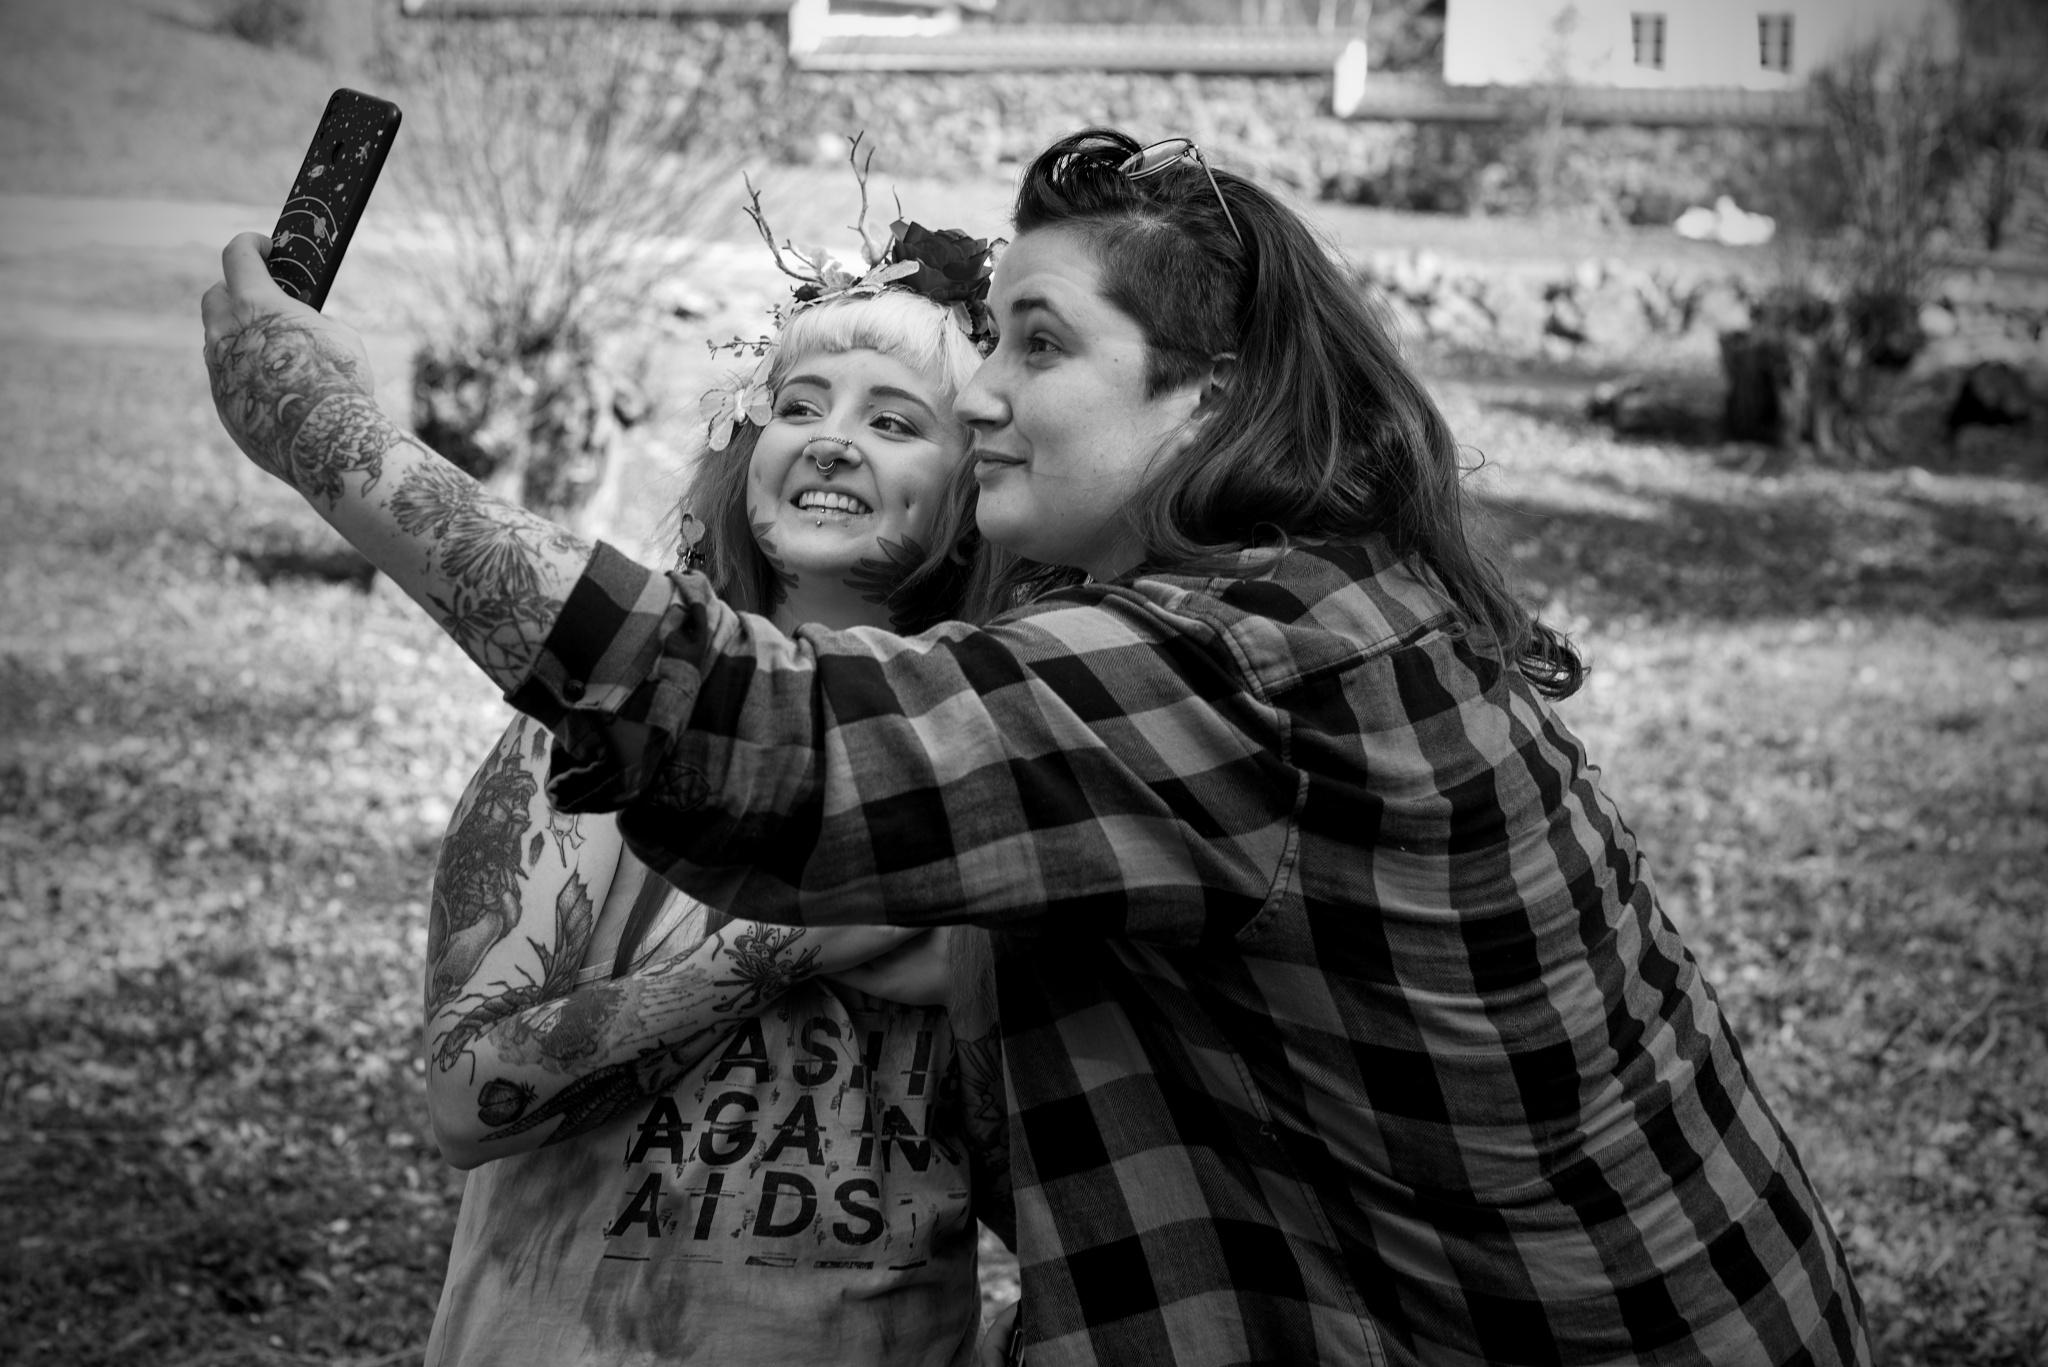 Spolupráce fotografa a modelky: na co dát pozor, aby vše klapalo?